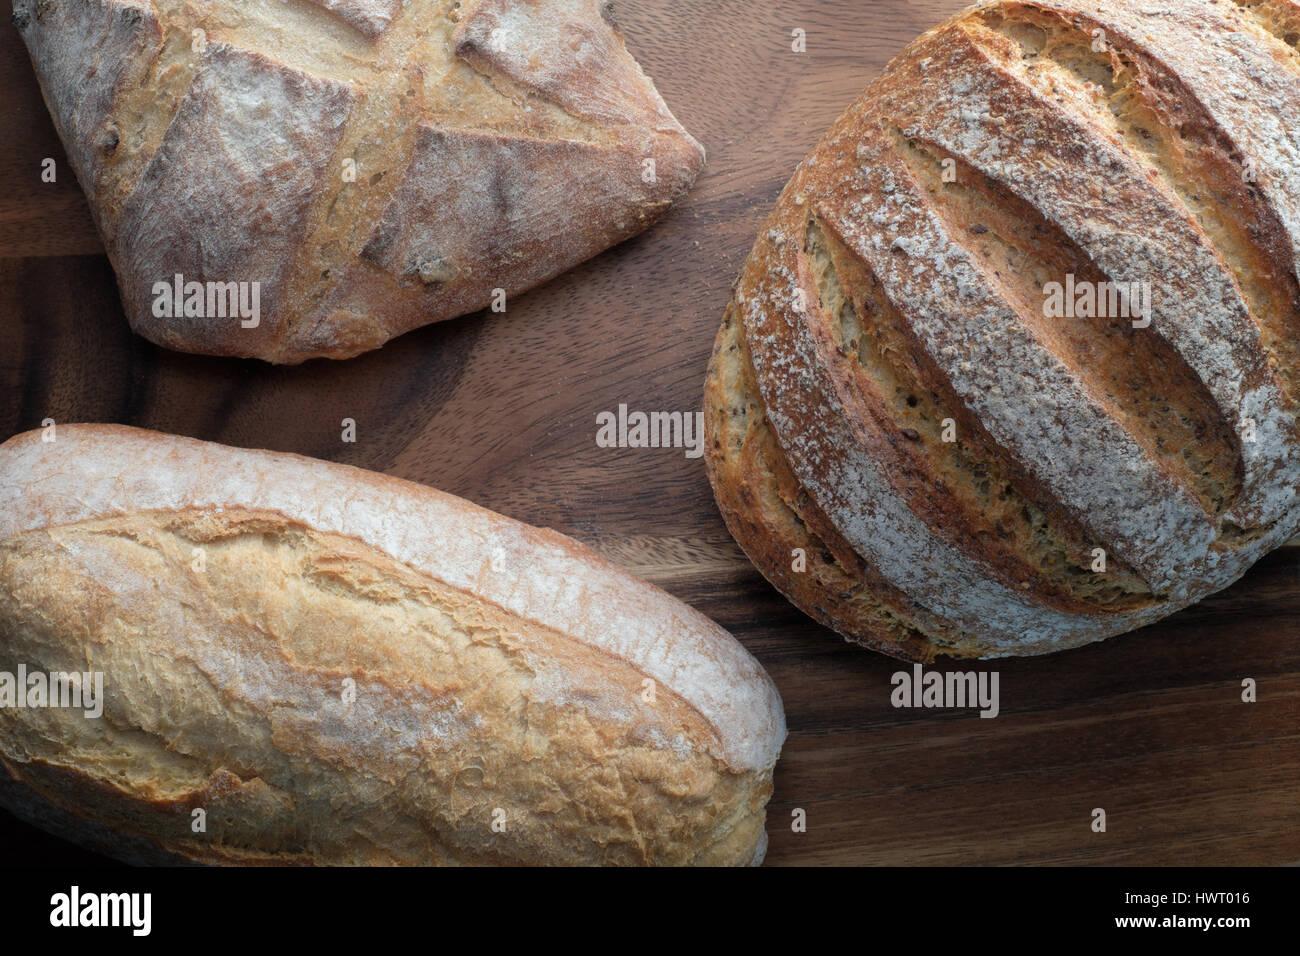 Drei traditionelle Laibe Brot - von oben Stockbild